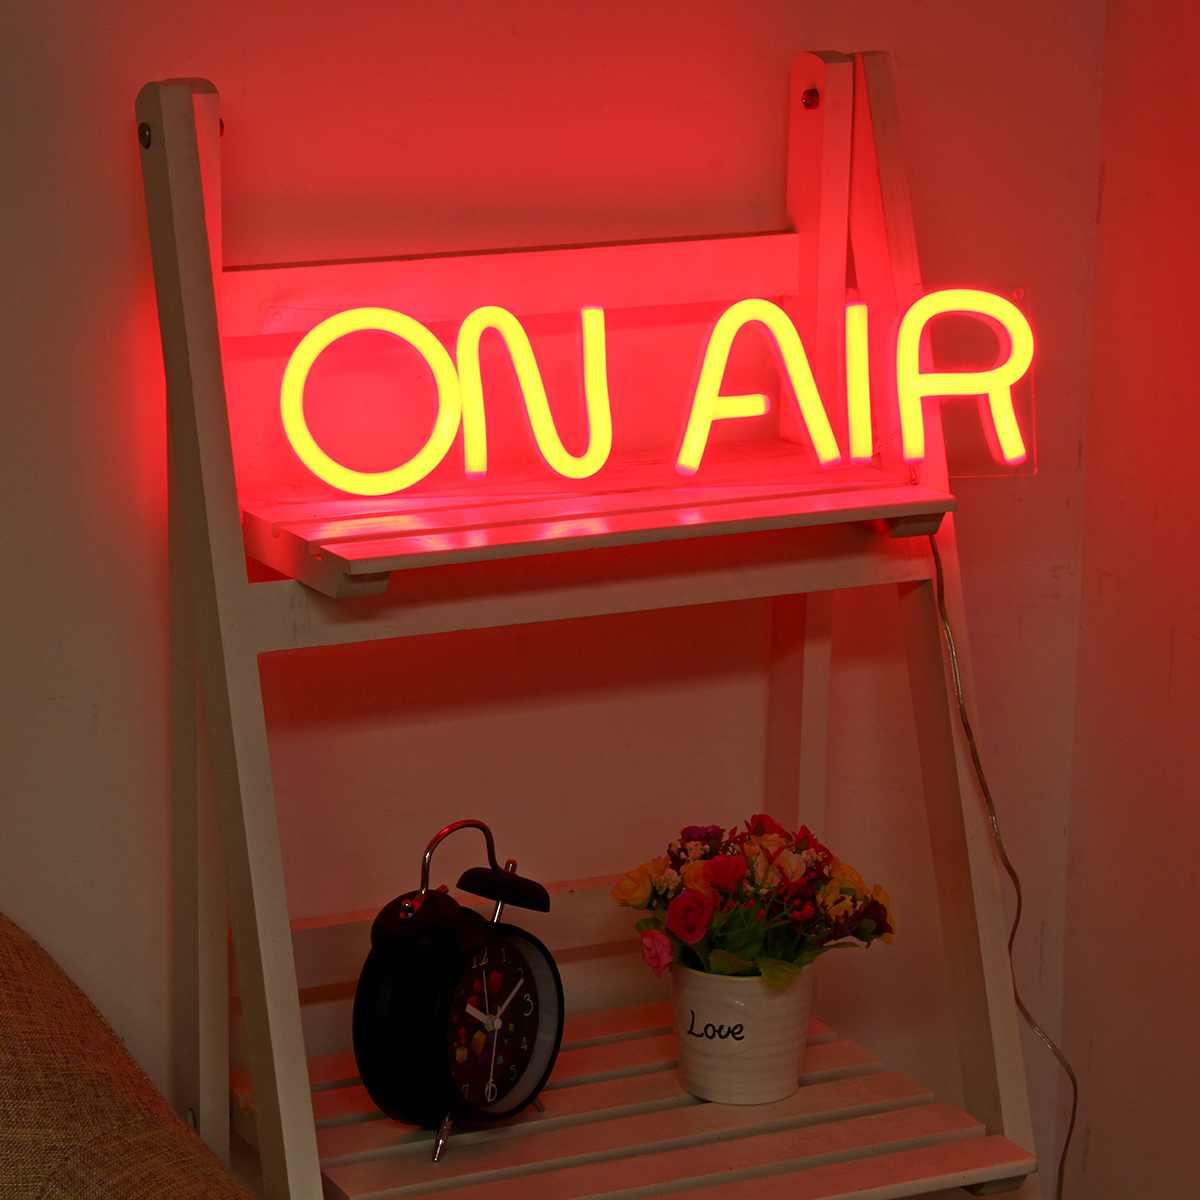 على الهواء LED النيون تسجيل ضوء بار حانة نادي جدار ديكور أنبوبة ليد الفني البصري ديكور الحفلات النيون مصباح ديكور المنزل ليلة الخفيفة